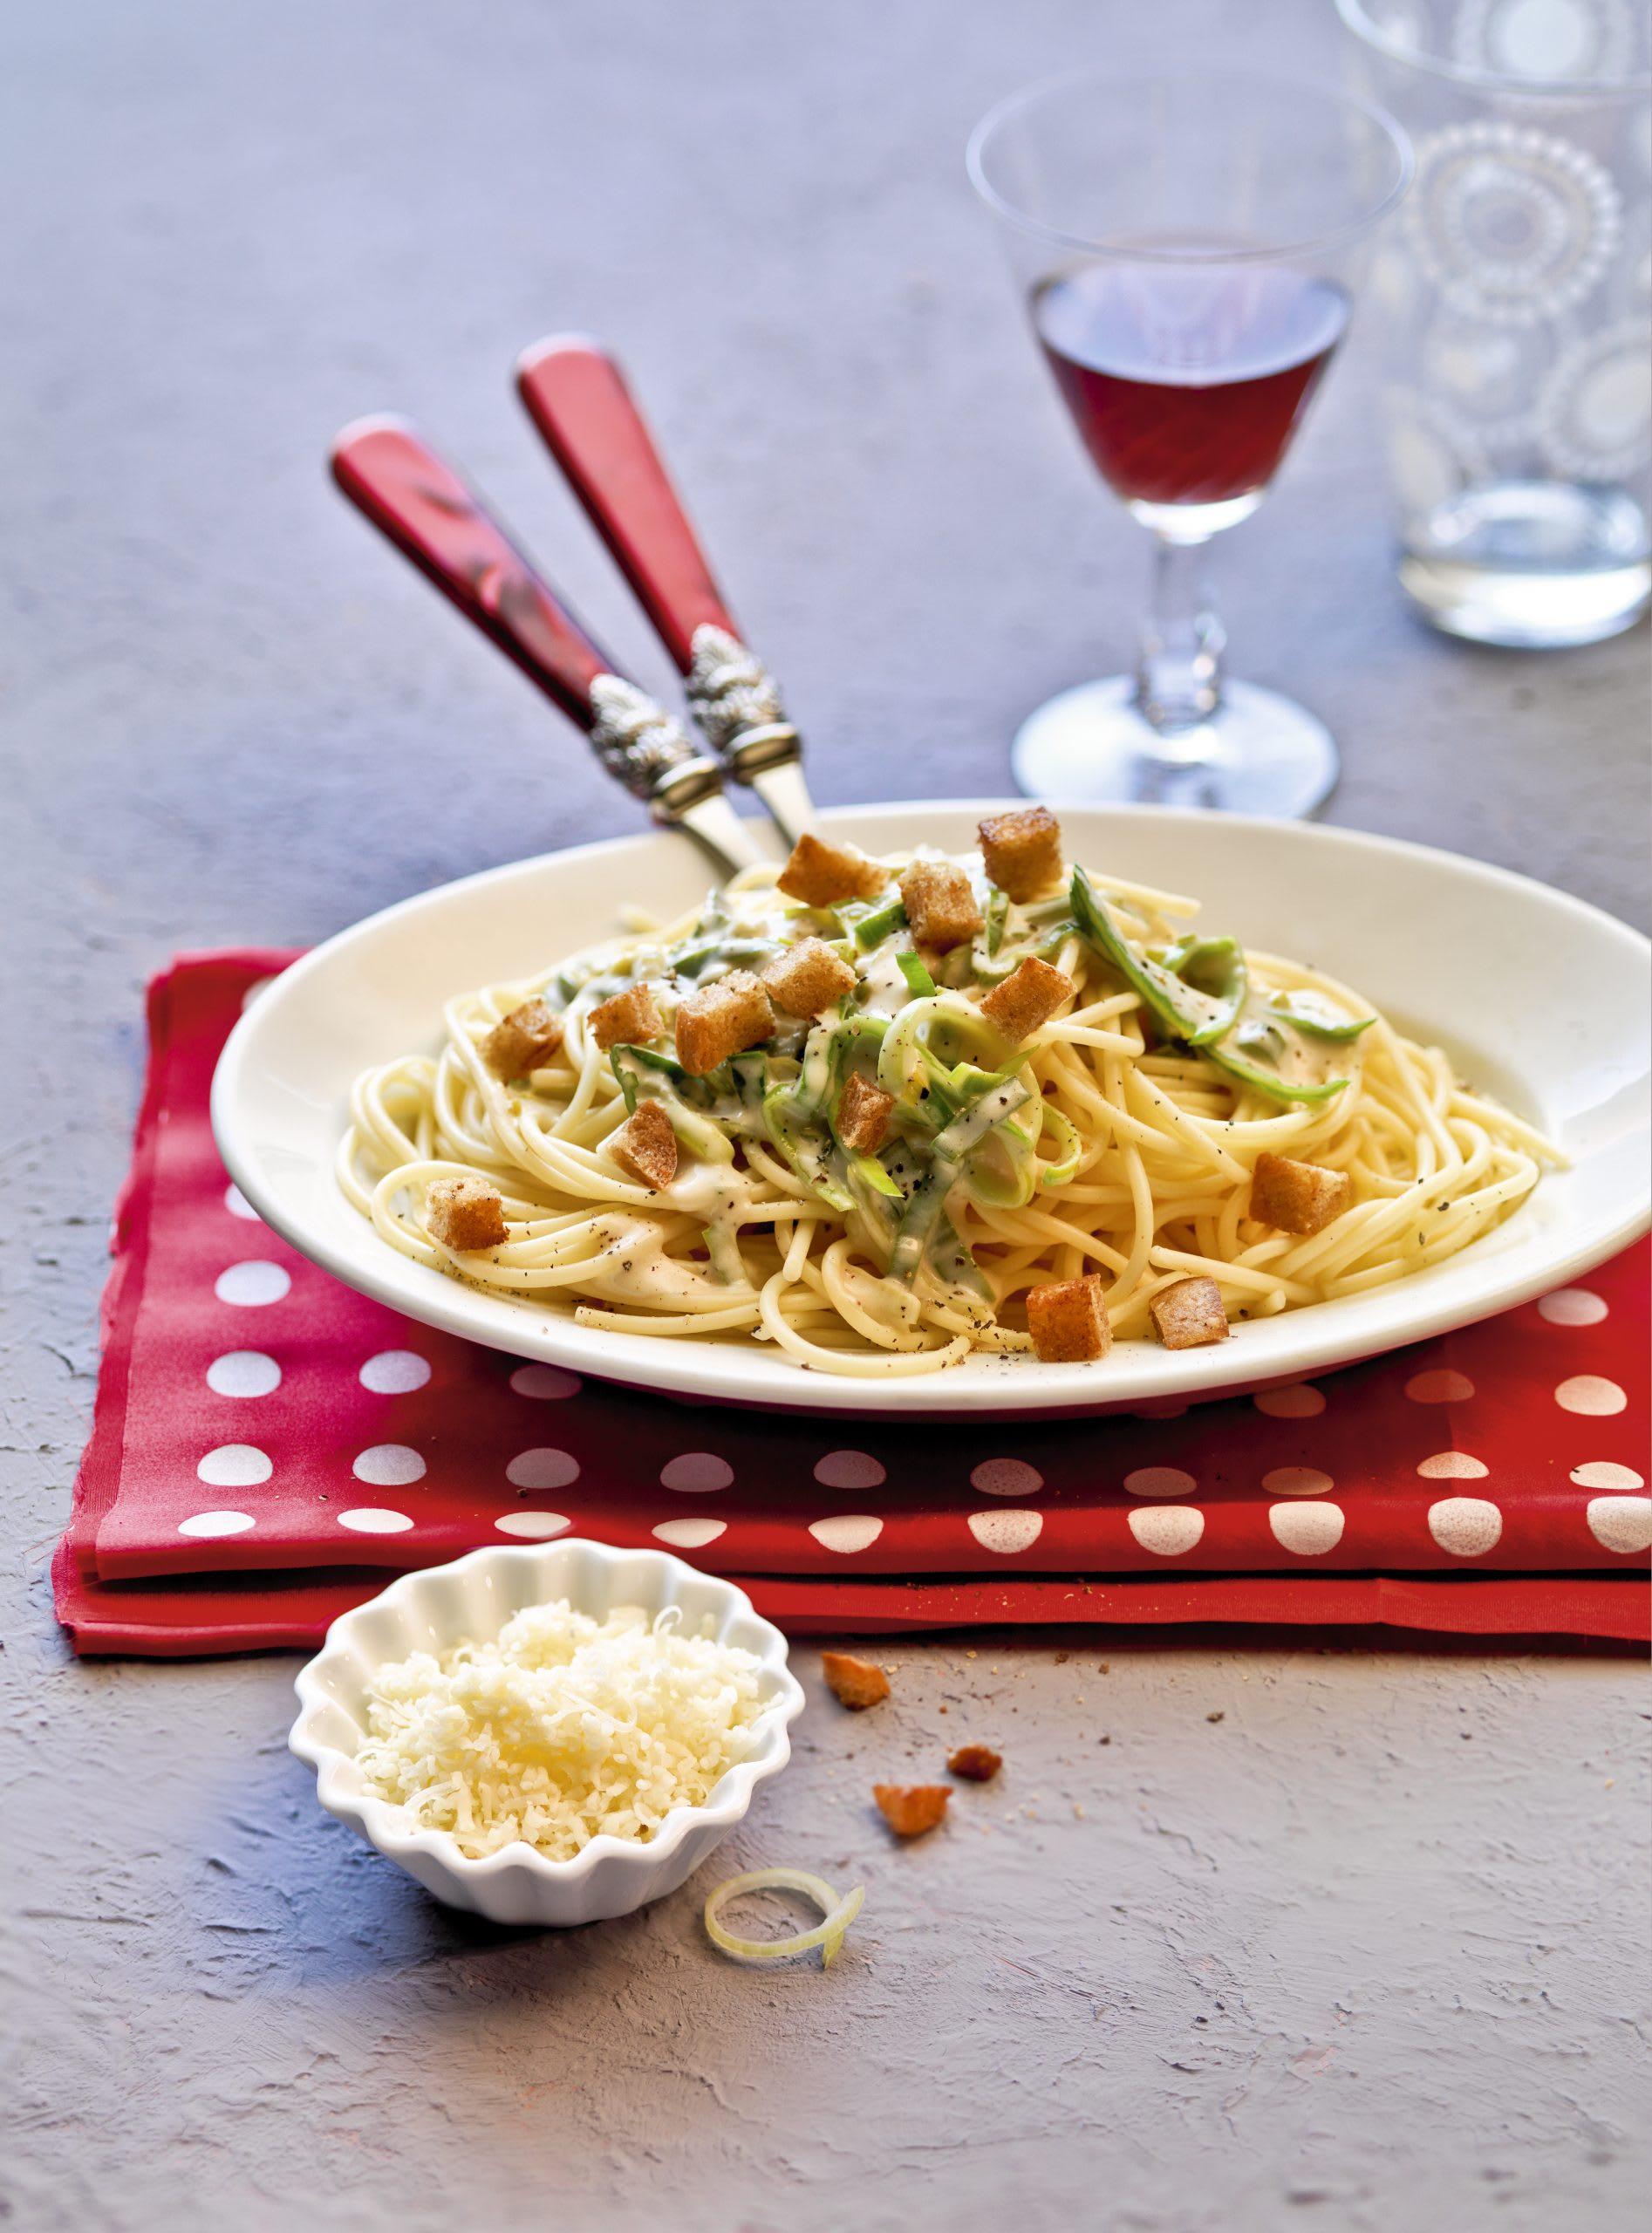 Spaghetti au fromage, au poireau et aux croûtons